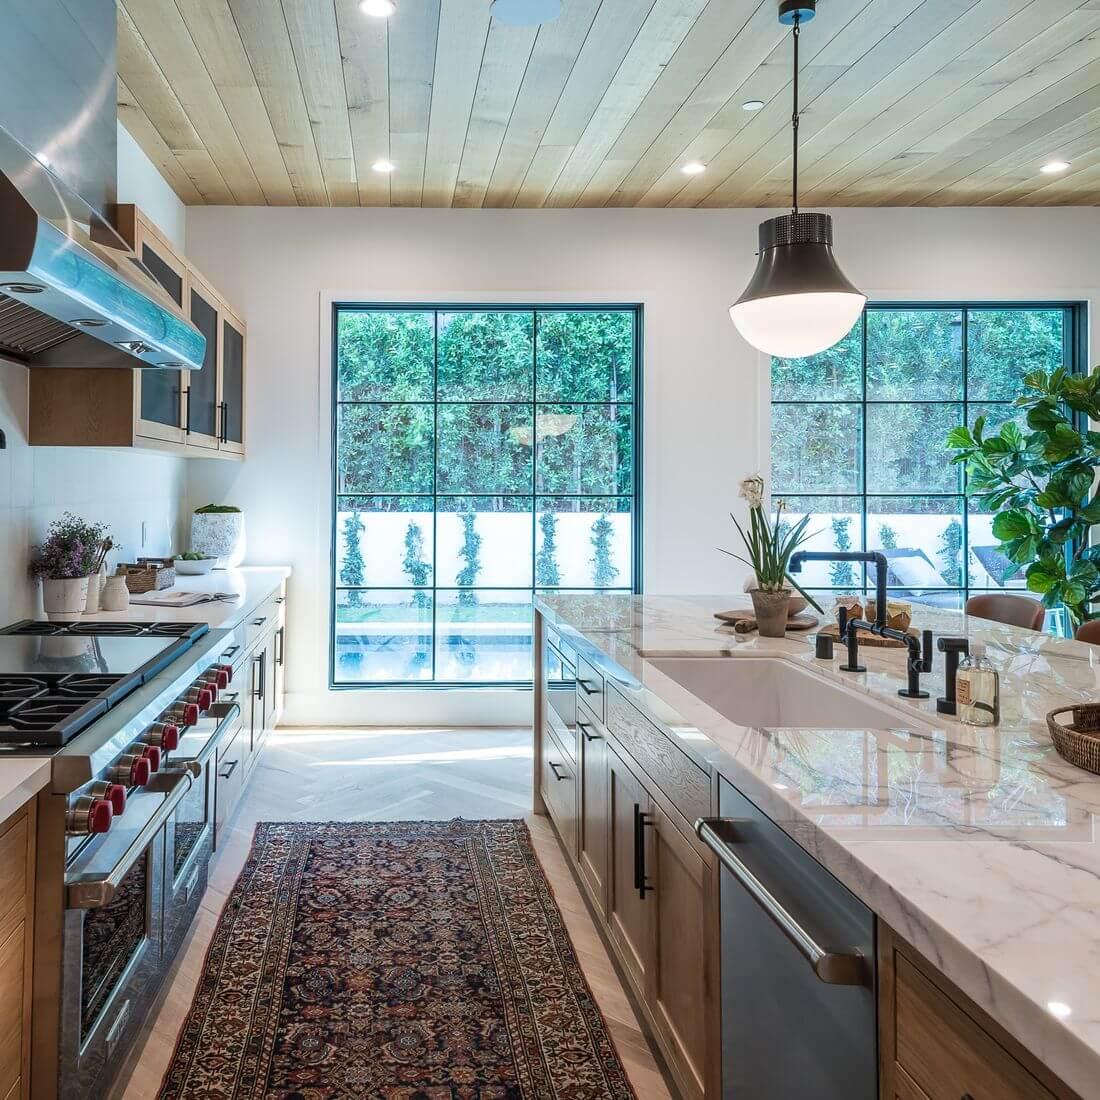 Styl Loftowy Kuchnia z Wyspą na środku z oknami i drzwiami loftowymi z dywanem na podłodze i rośliną zieloną